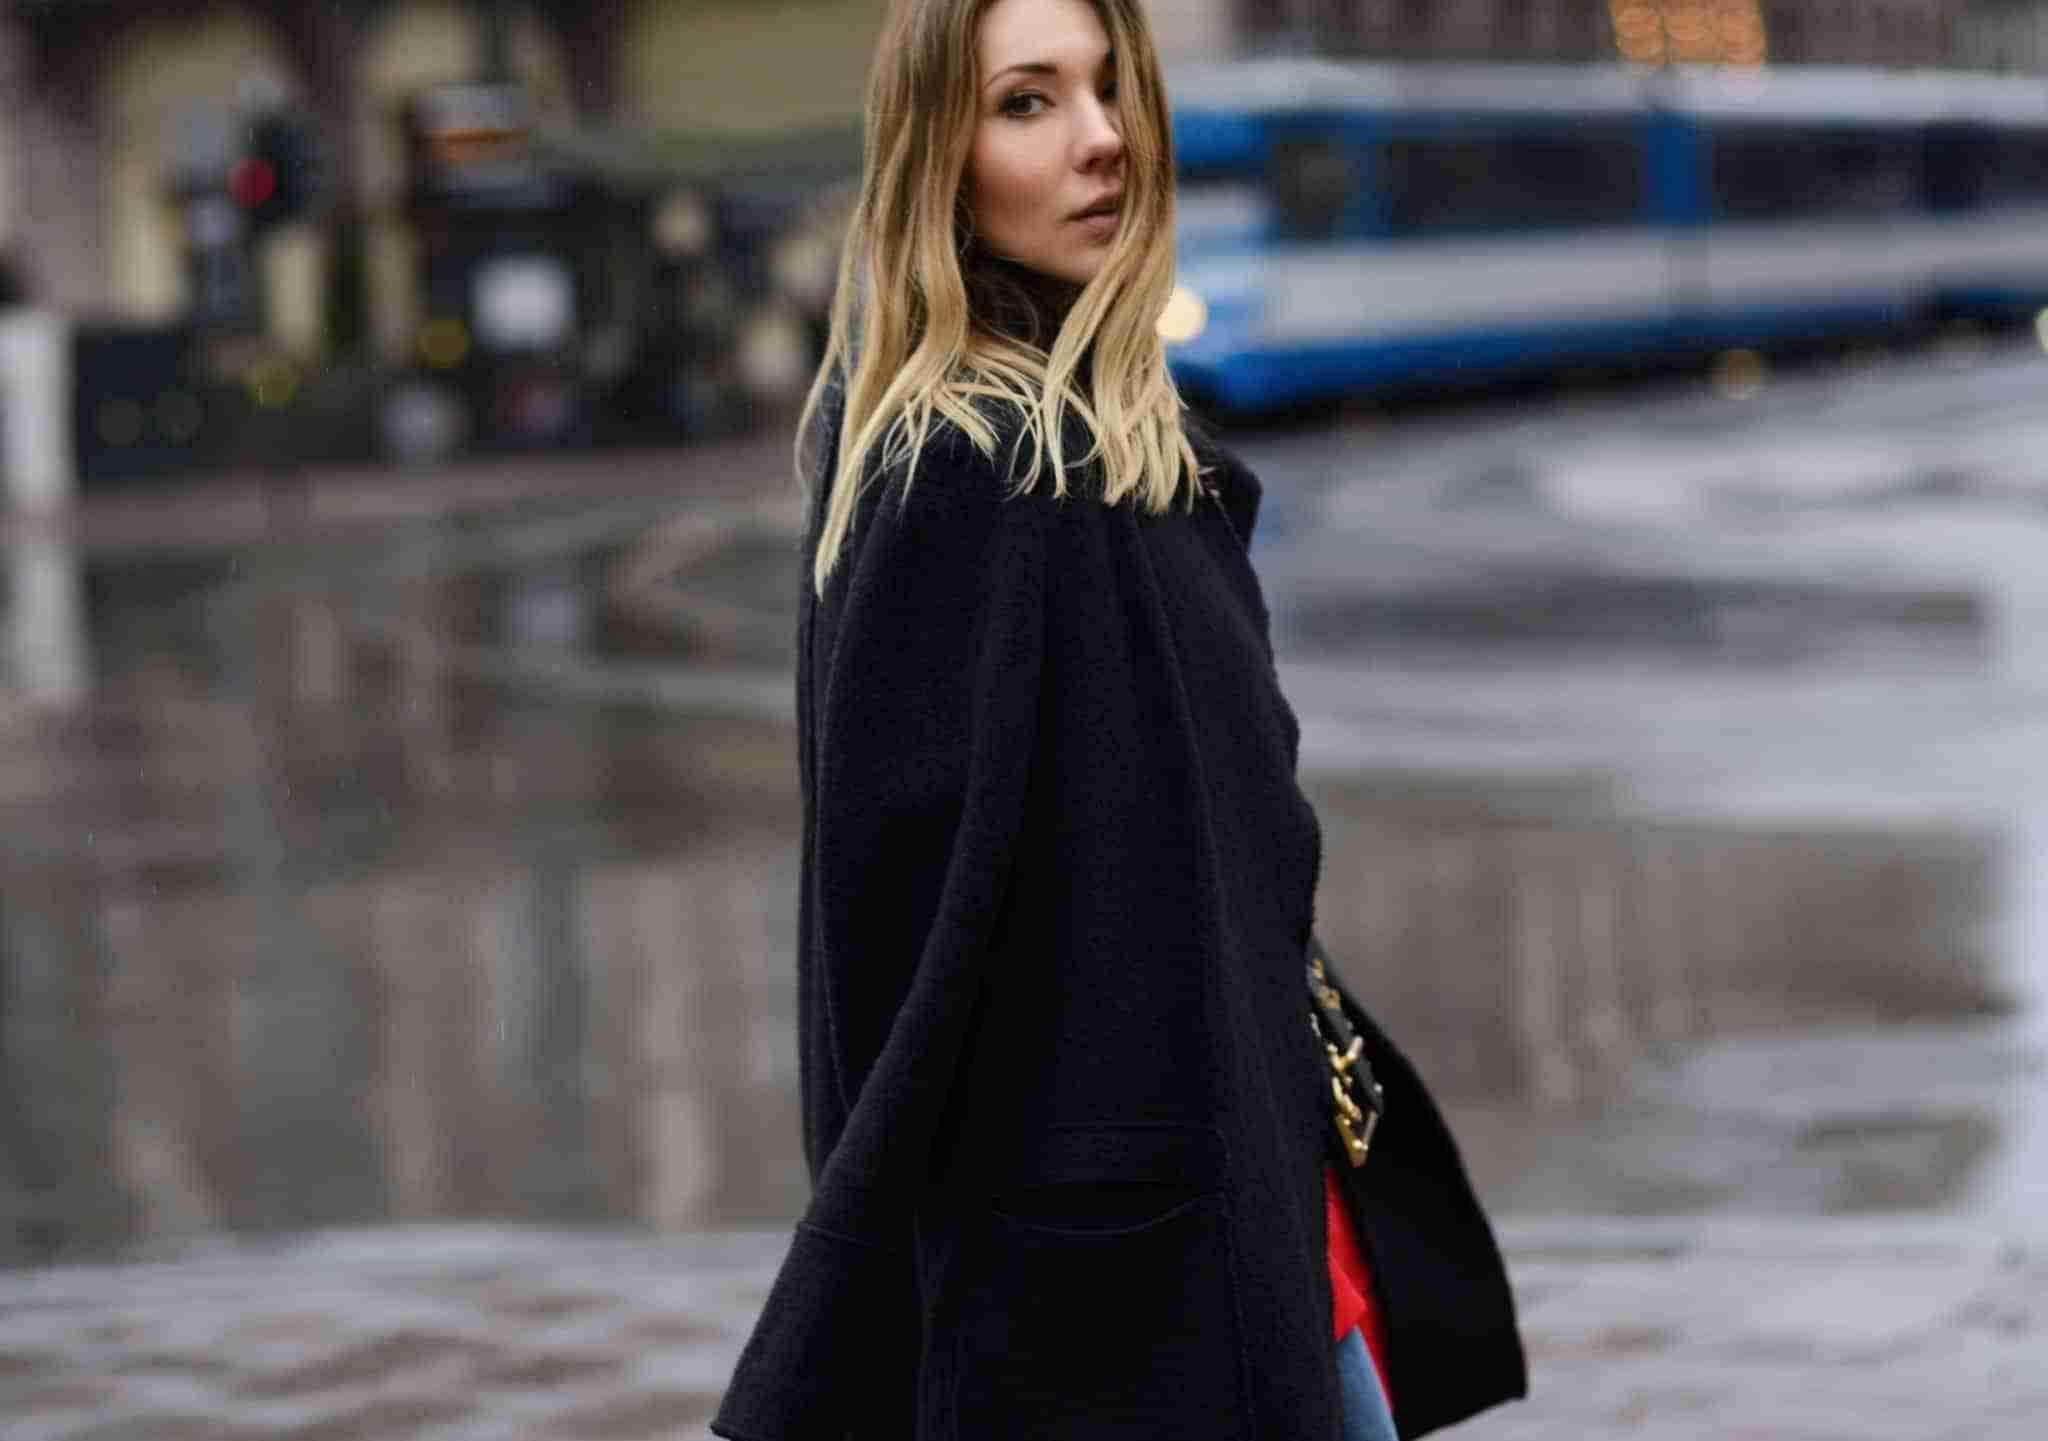 Deszczowy dzień. Klaudia w długim płaszczu.